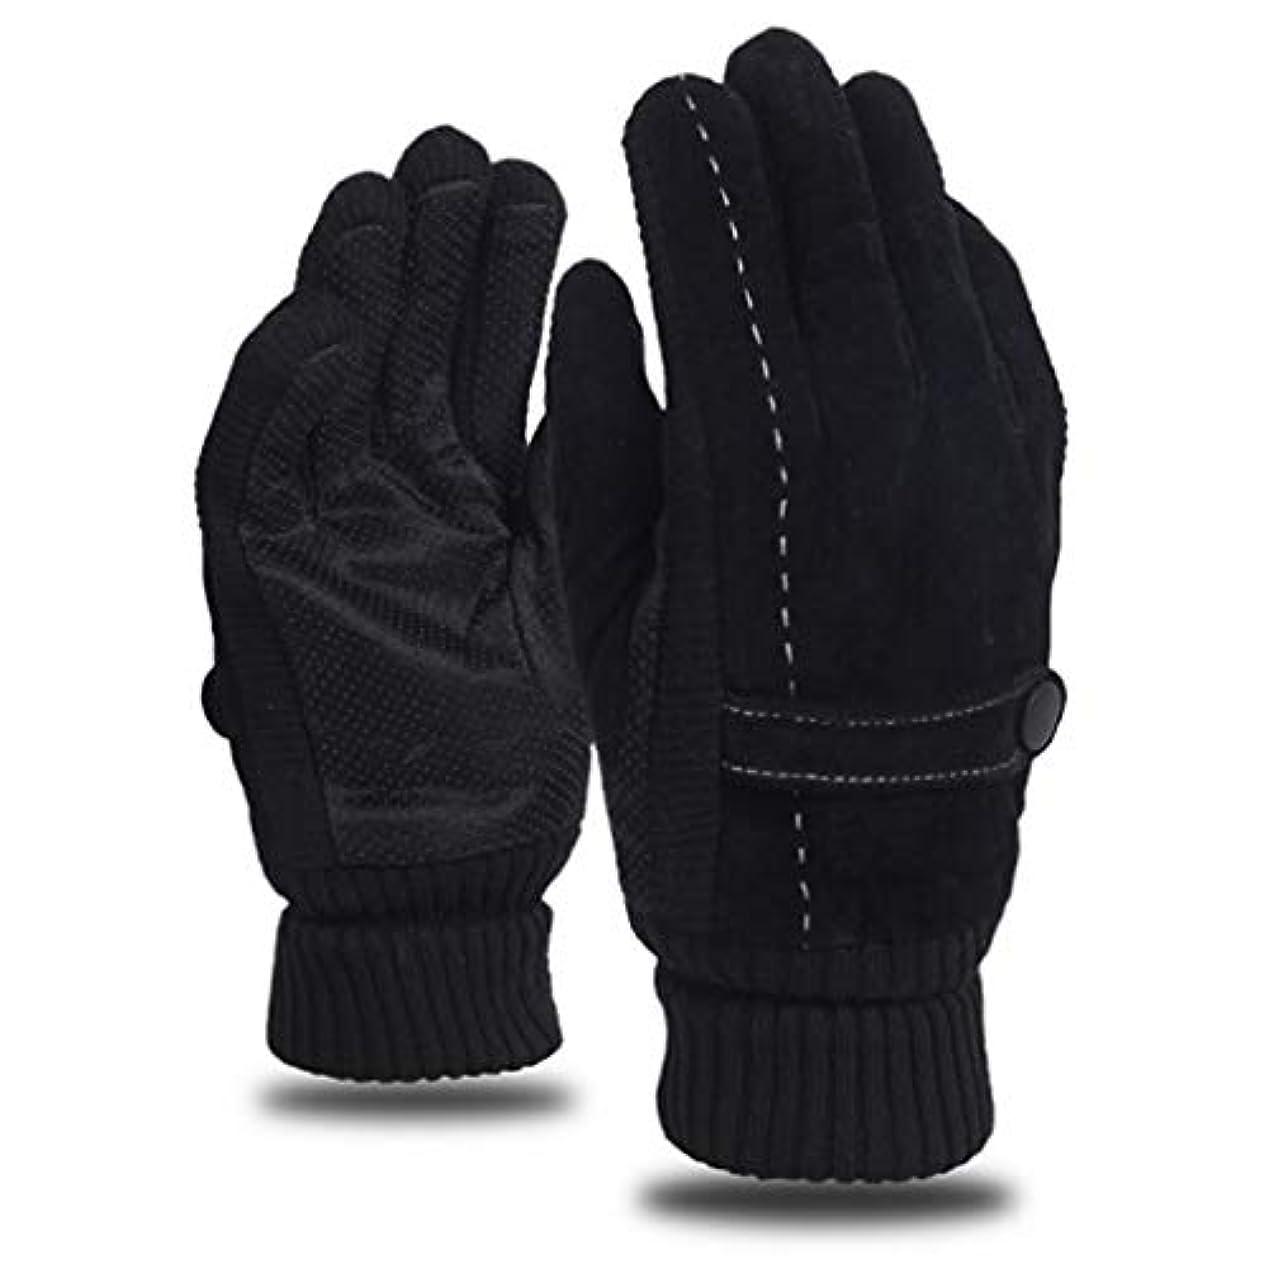 入札ナインへ確認するレザーグローブメンズウィンライディングプラスベルベット厚手暖かいドライビングアウトドアオートバイ防風コールドノンスリップメンズコットン手袋 (色 : 黒)